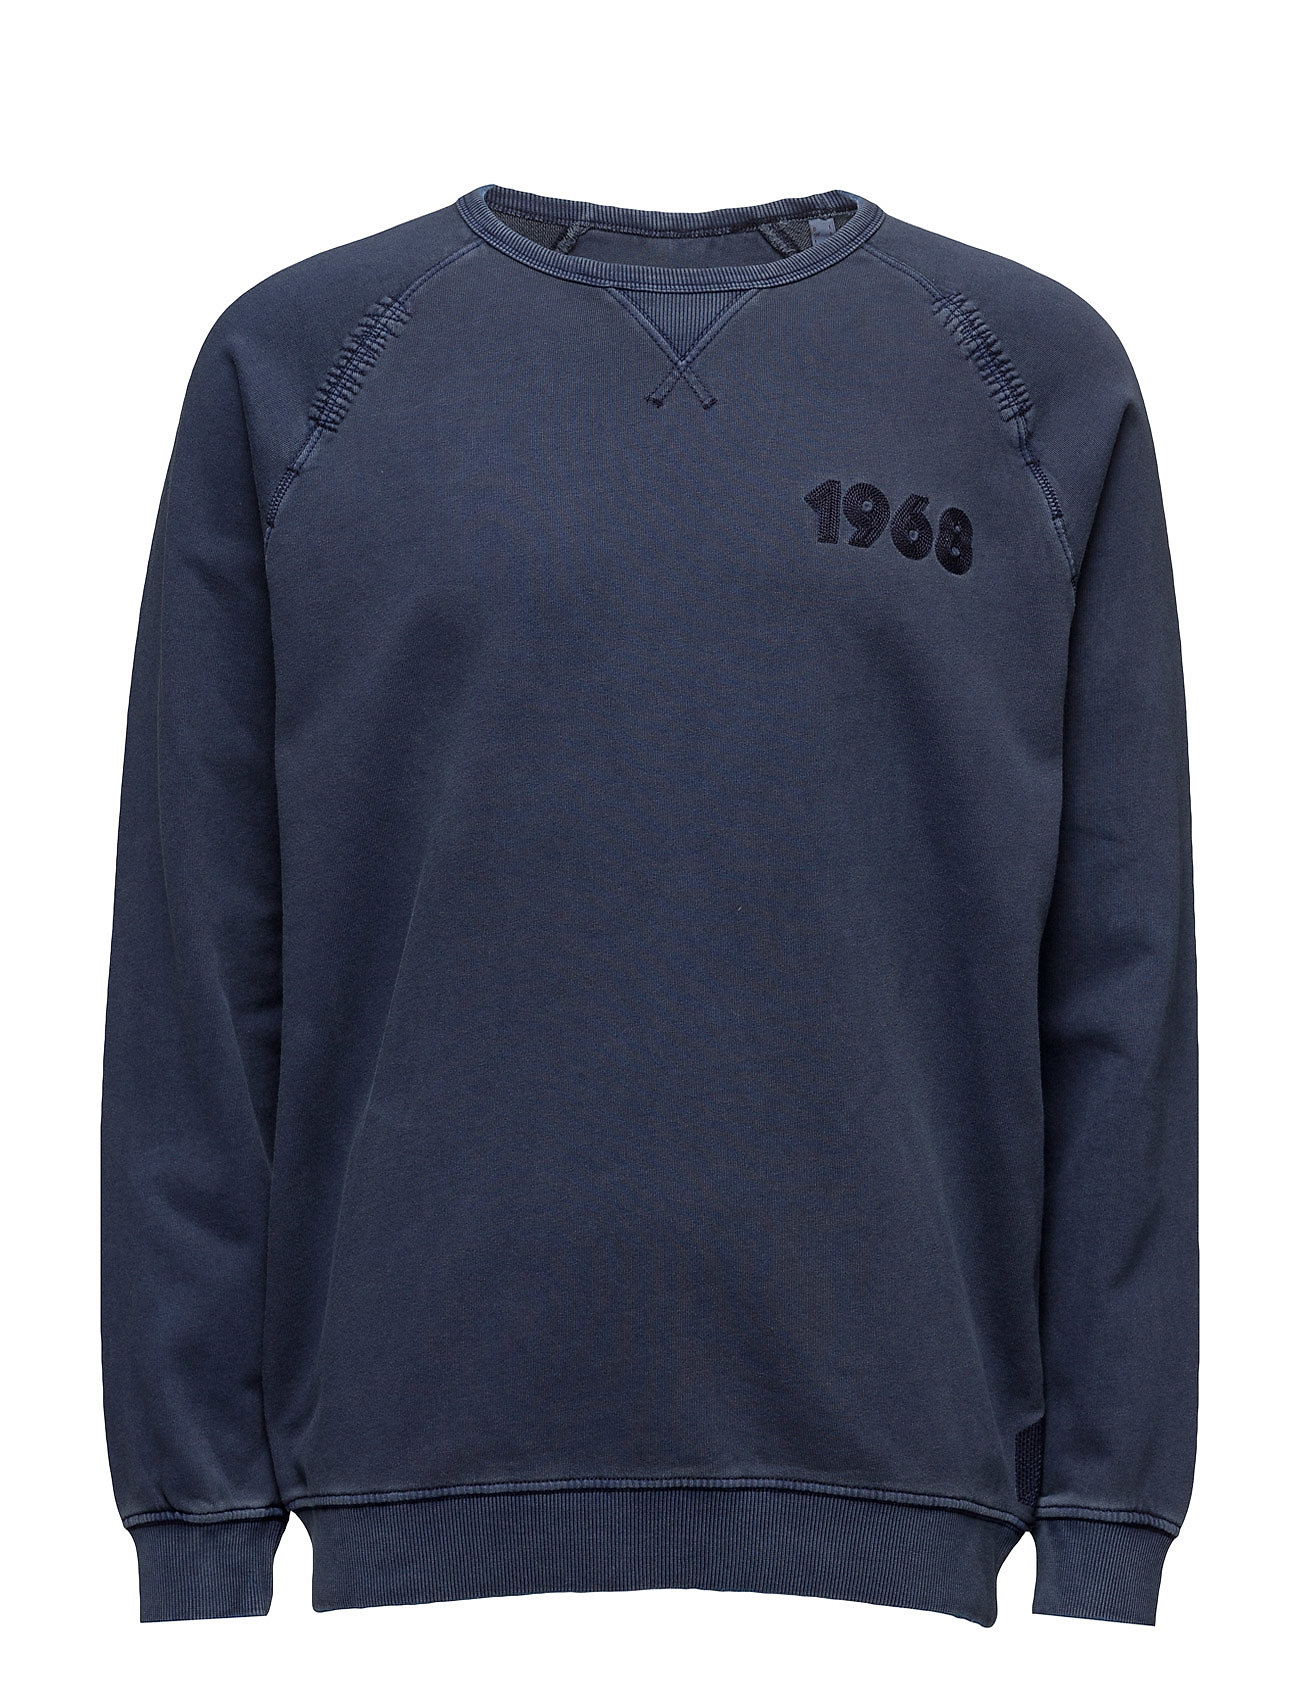 Sweatshirts Esprit Casual Sweat pants til Herrer i Blæk